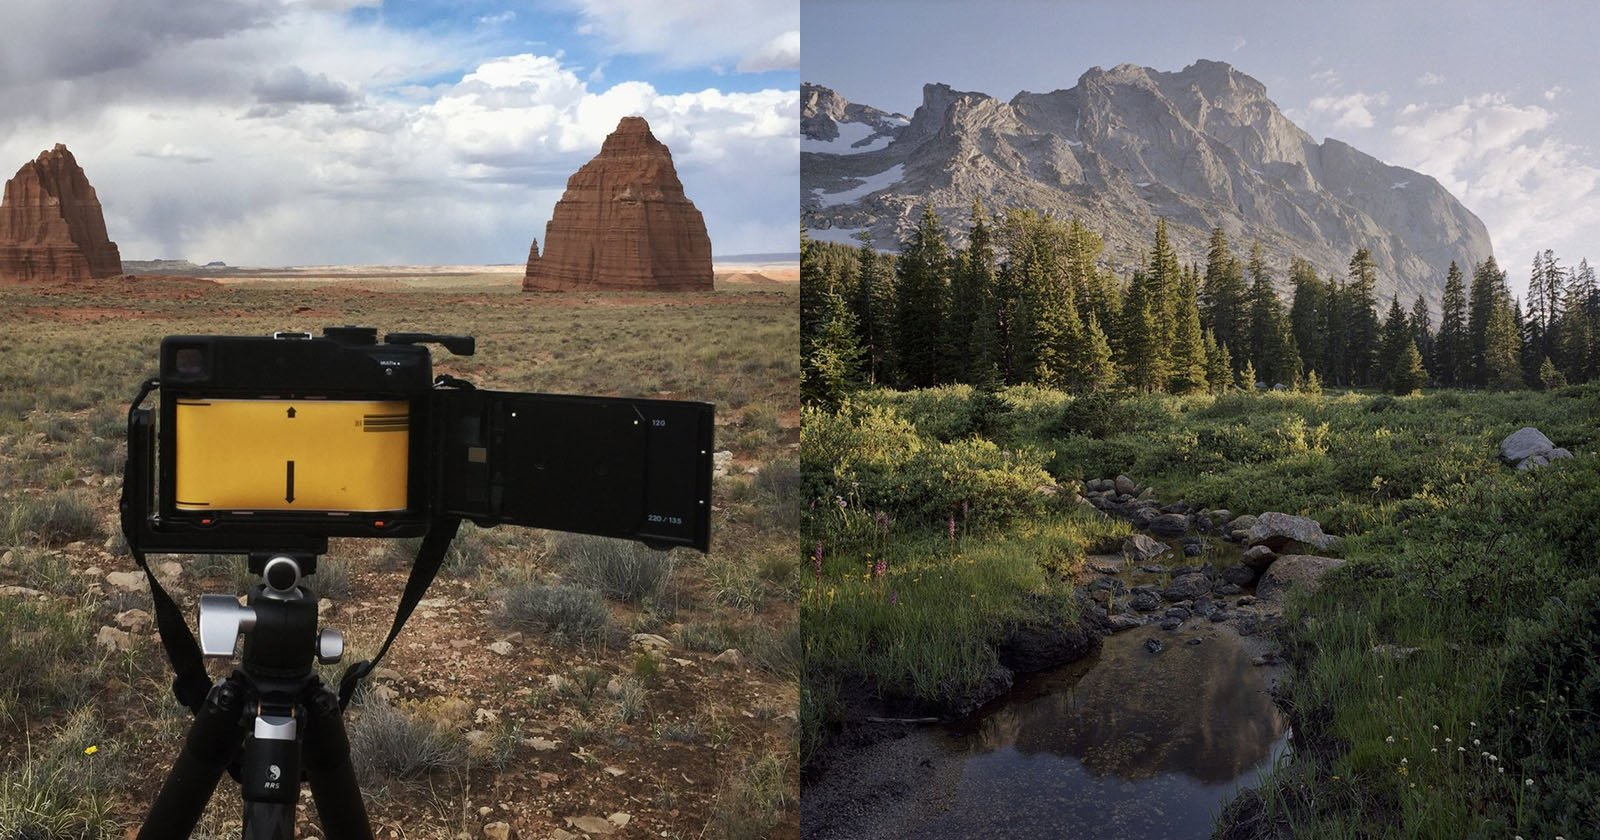 Die Einführung eines digitalen Landschaftsfotografen in den Film